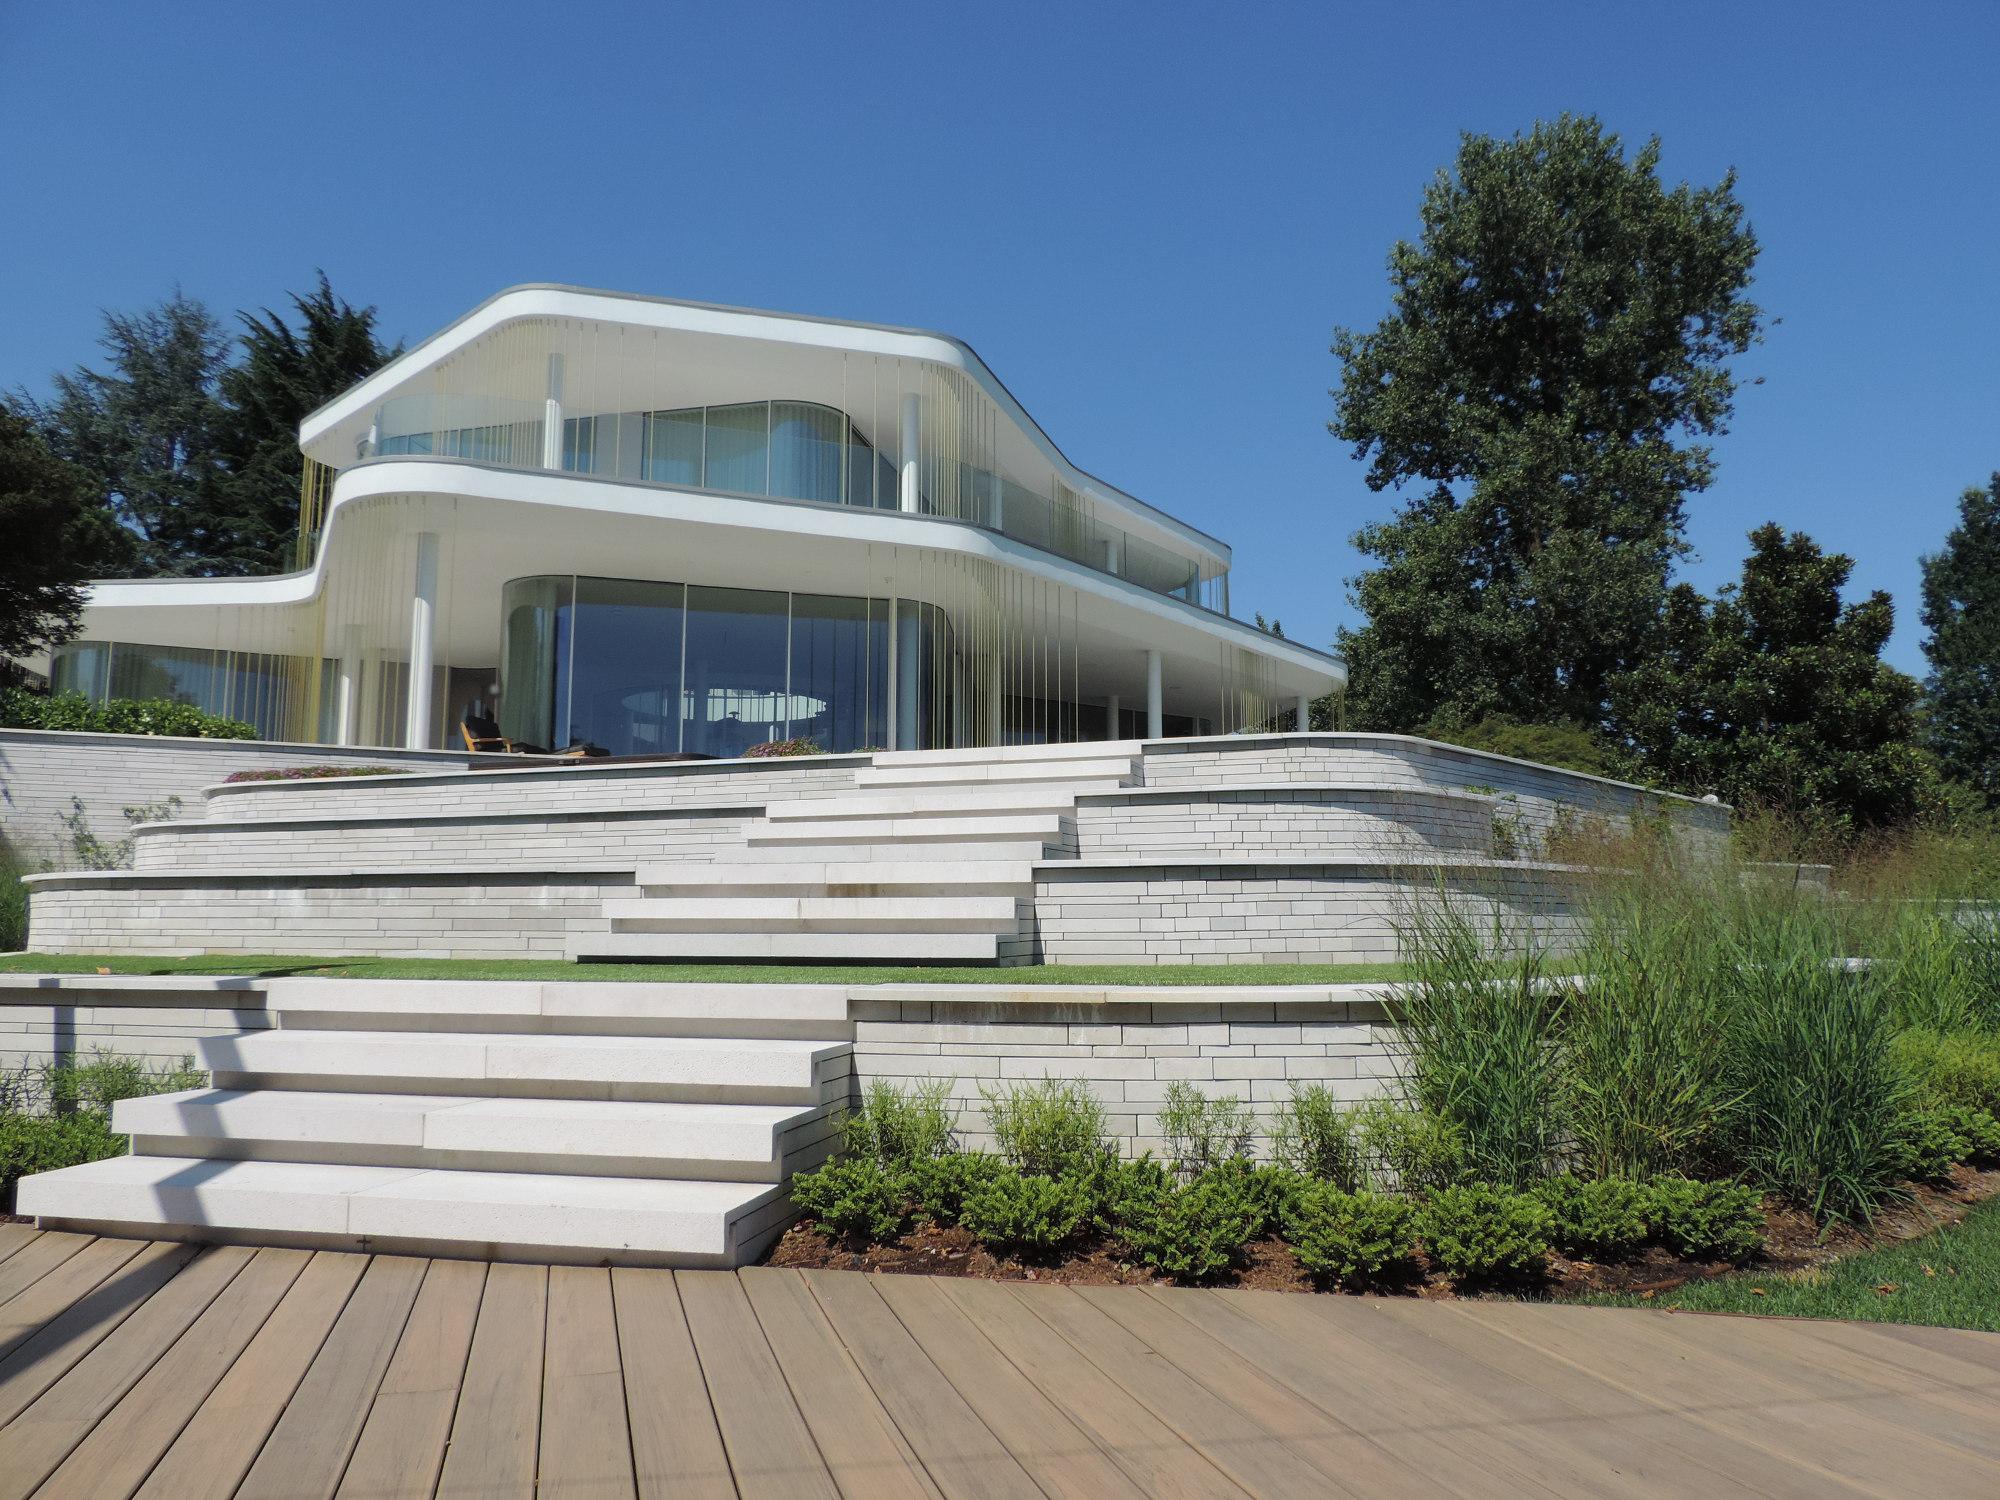 0718_RobertoManzetti-Architetto-NeuHouse-14